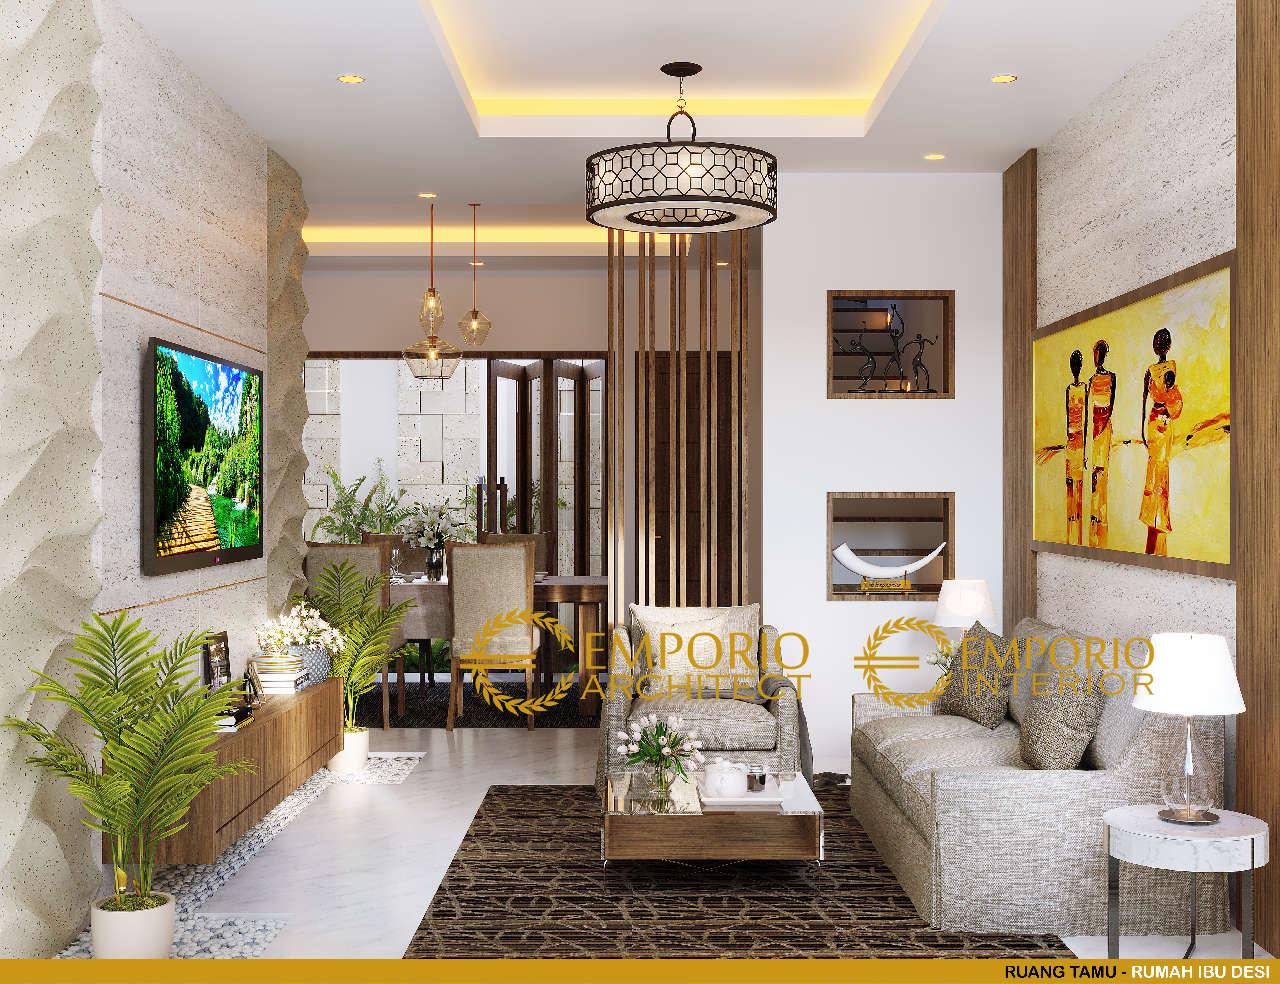 Desain Interior Rumah Modern 2 Lantai Ibu Desi Di Badung Bali